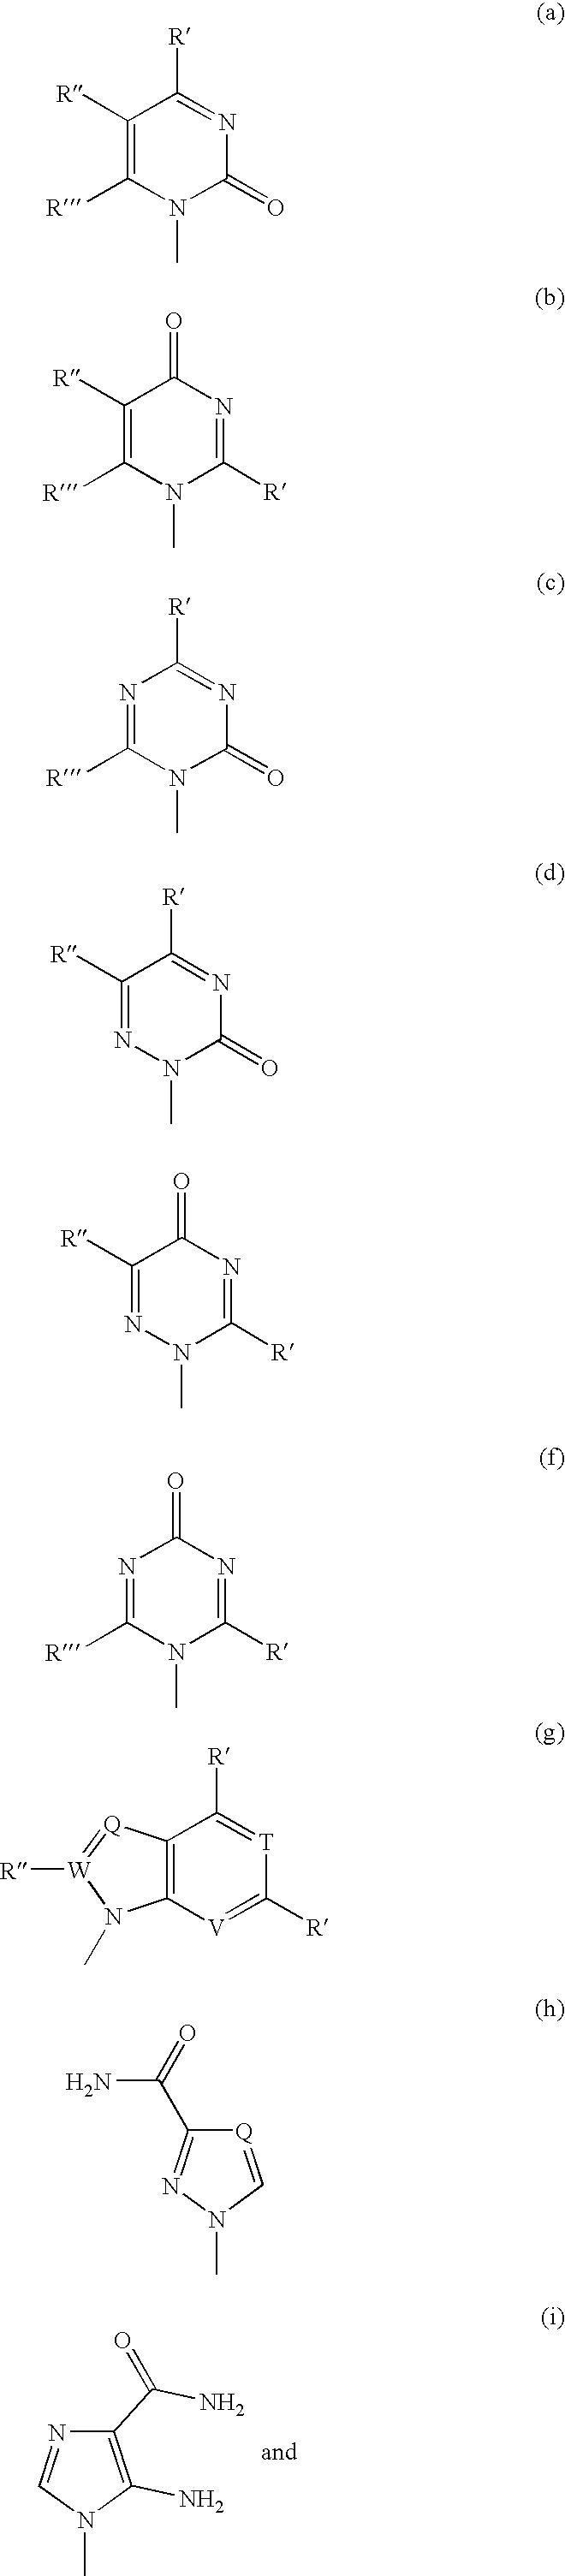 Figure US07608600-20091027-C00045